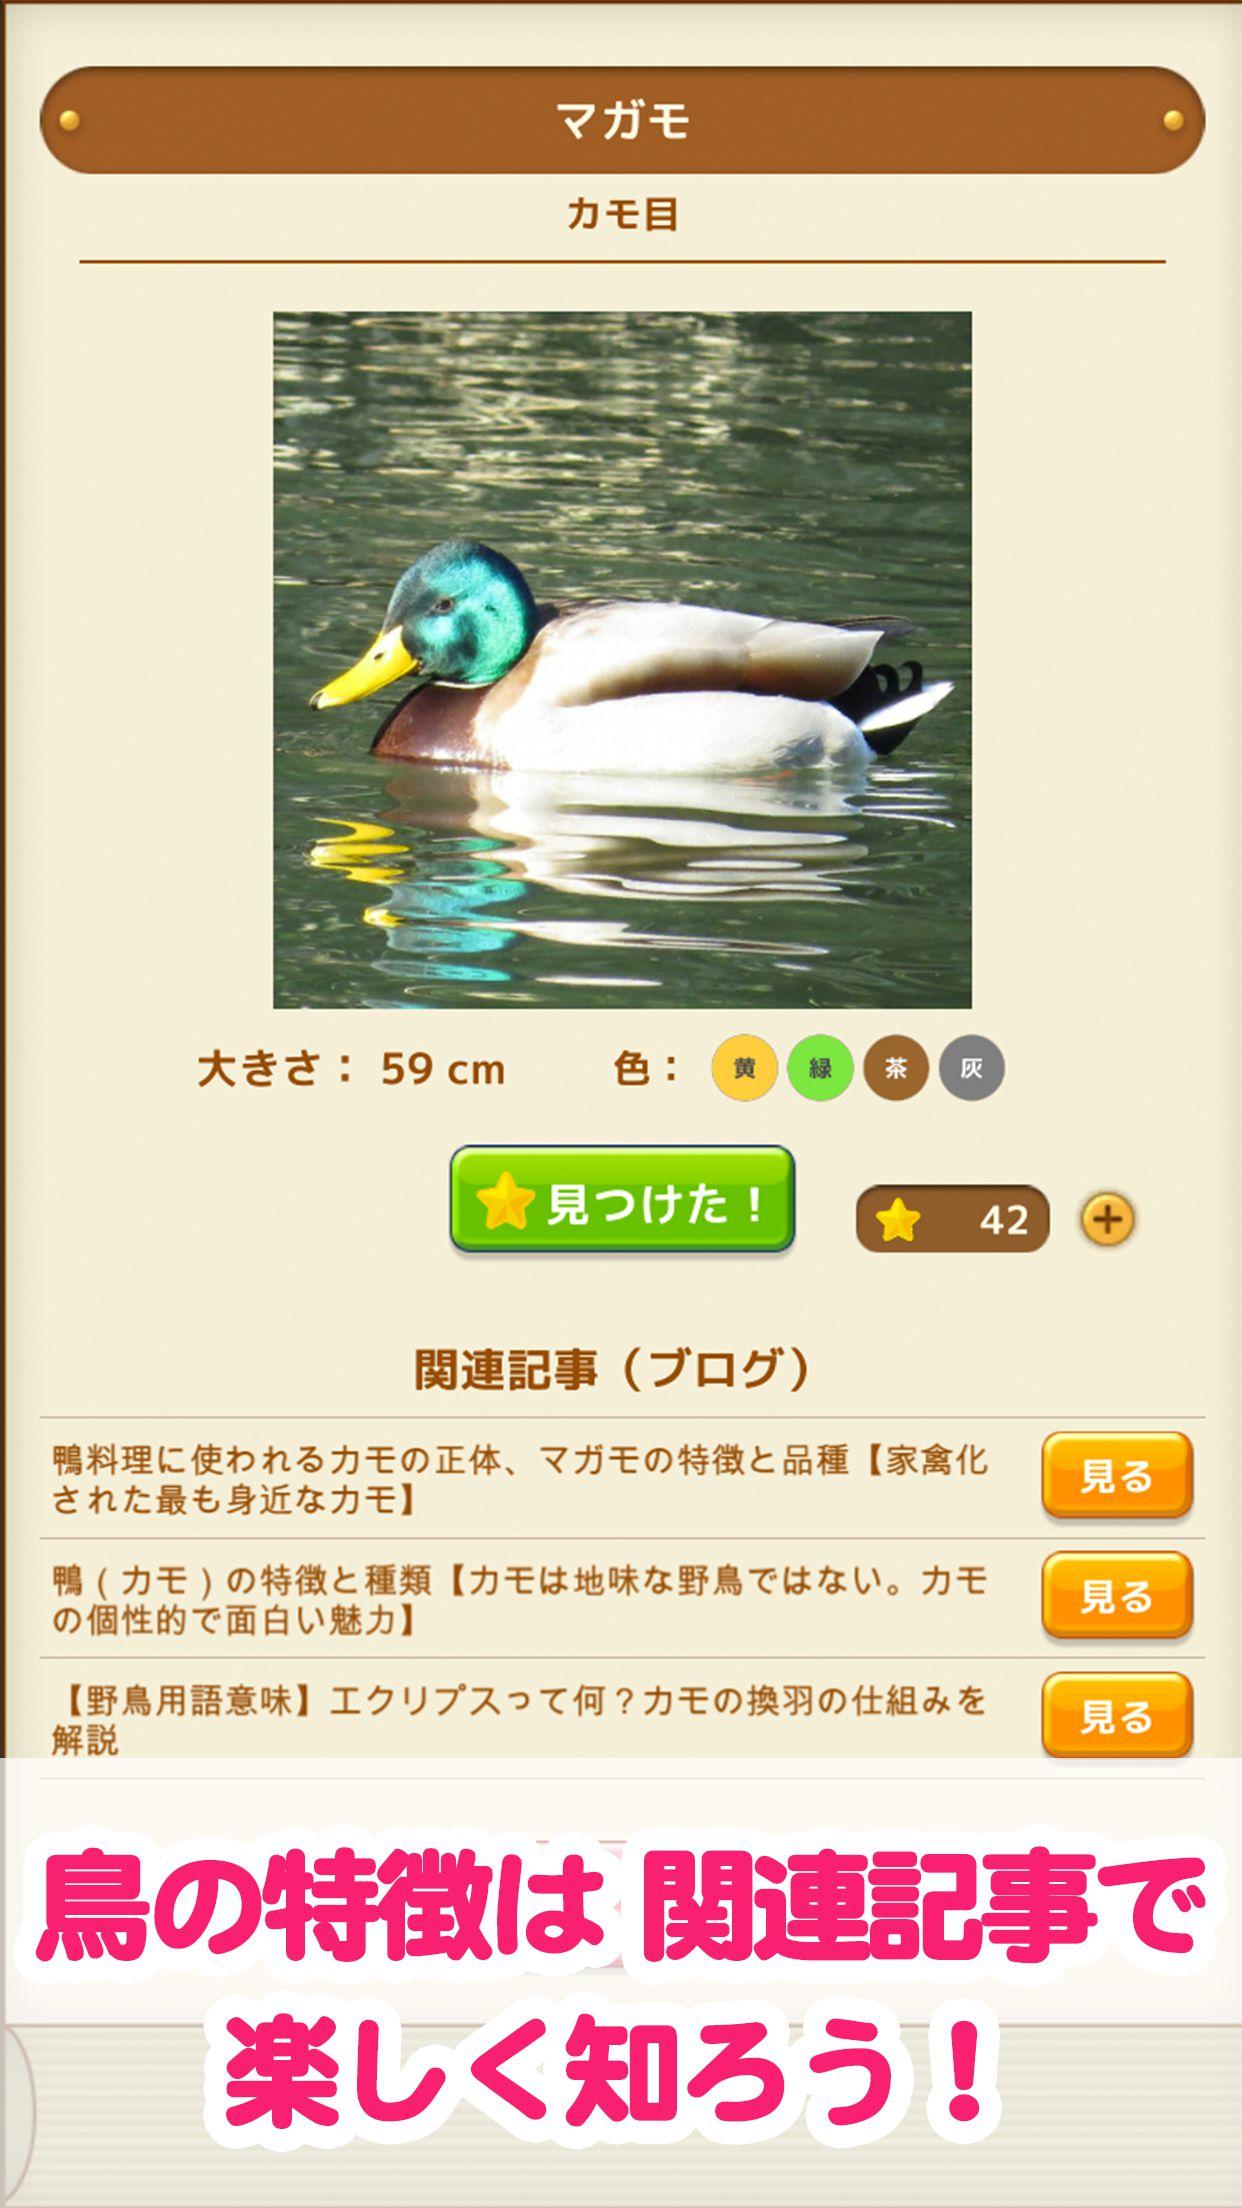 見つけた!野鳥図鑑 関連記事